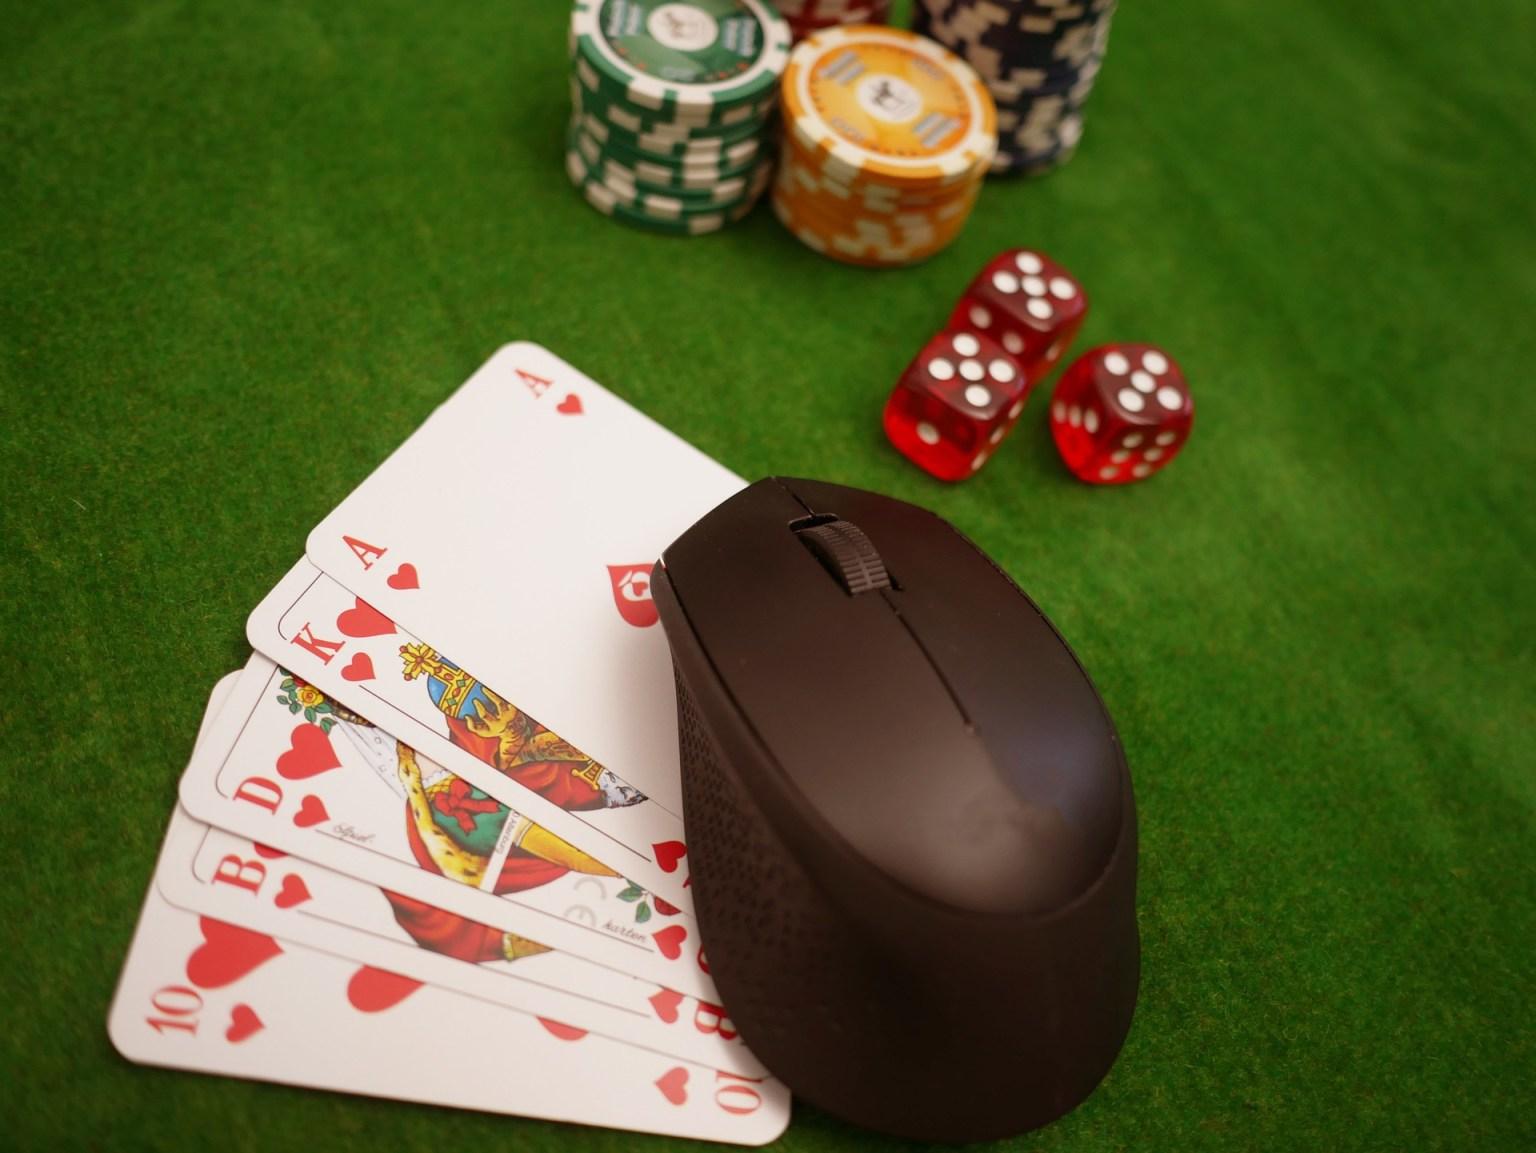 2021 no deposit bonus casino